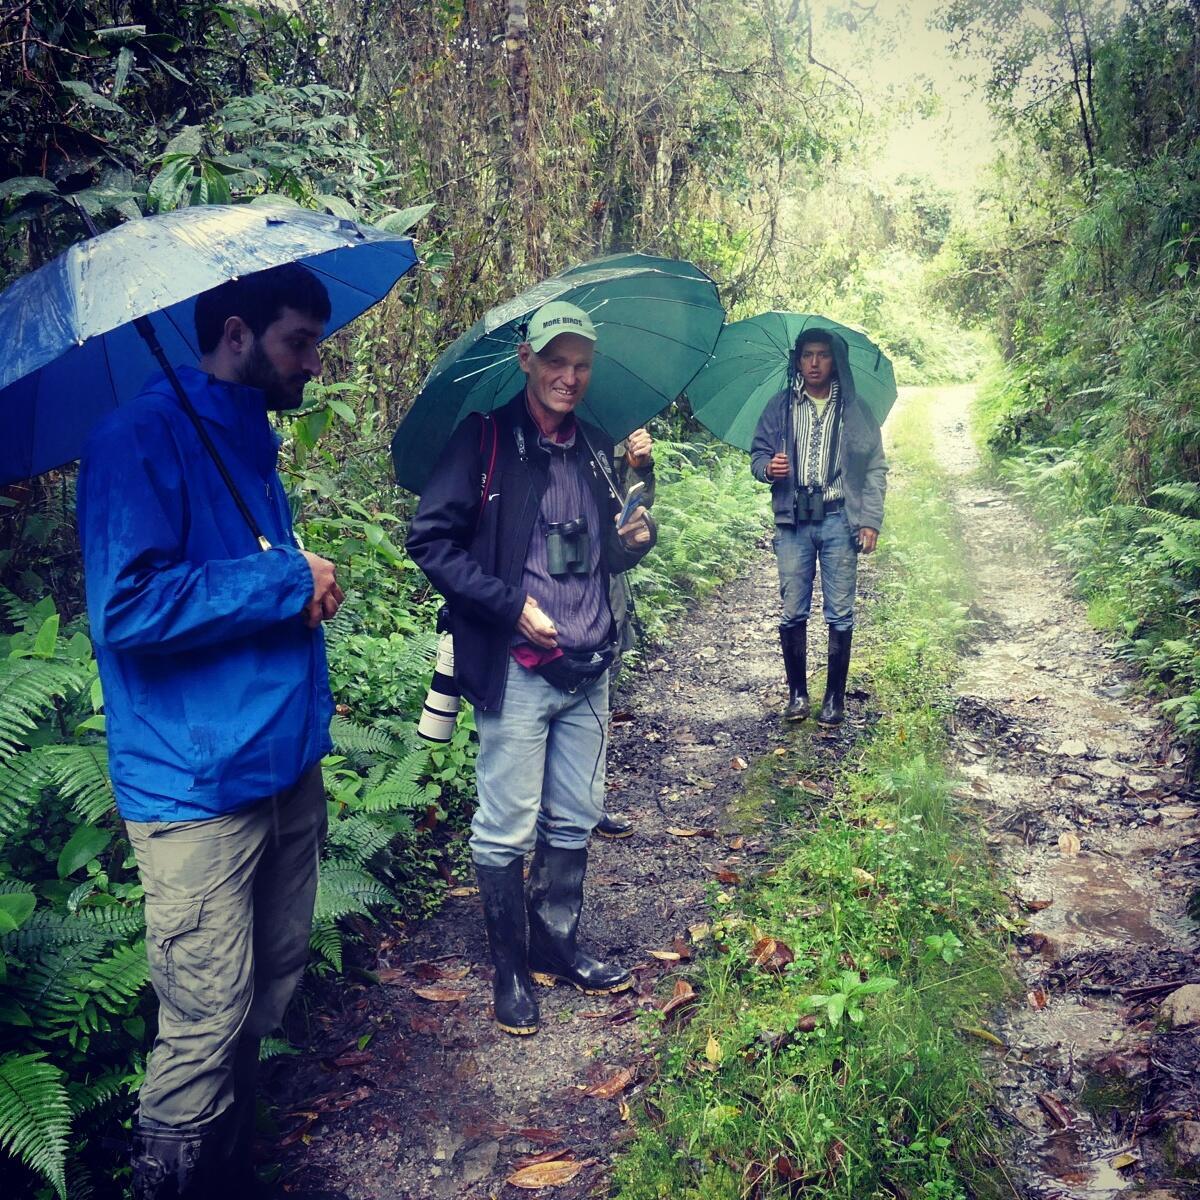 Birding with umbrellas at Ulcumano Ecolodge. Noah Strycker